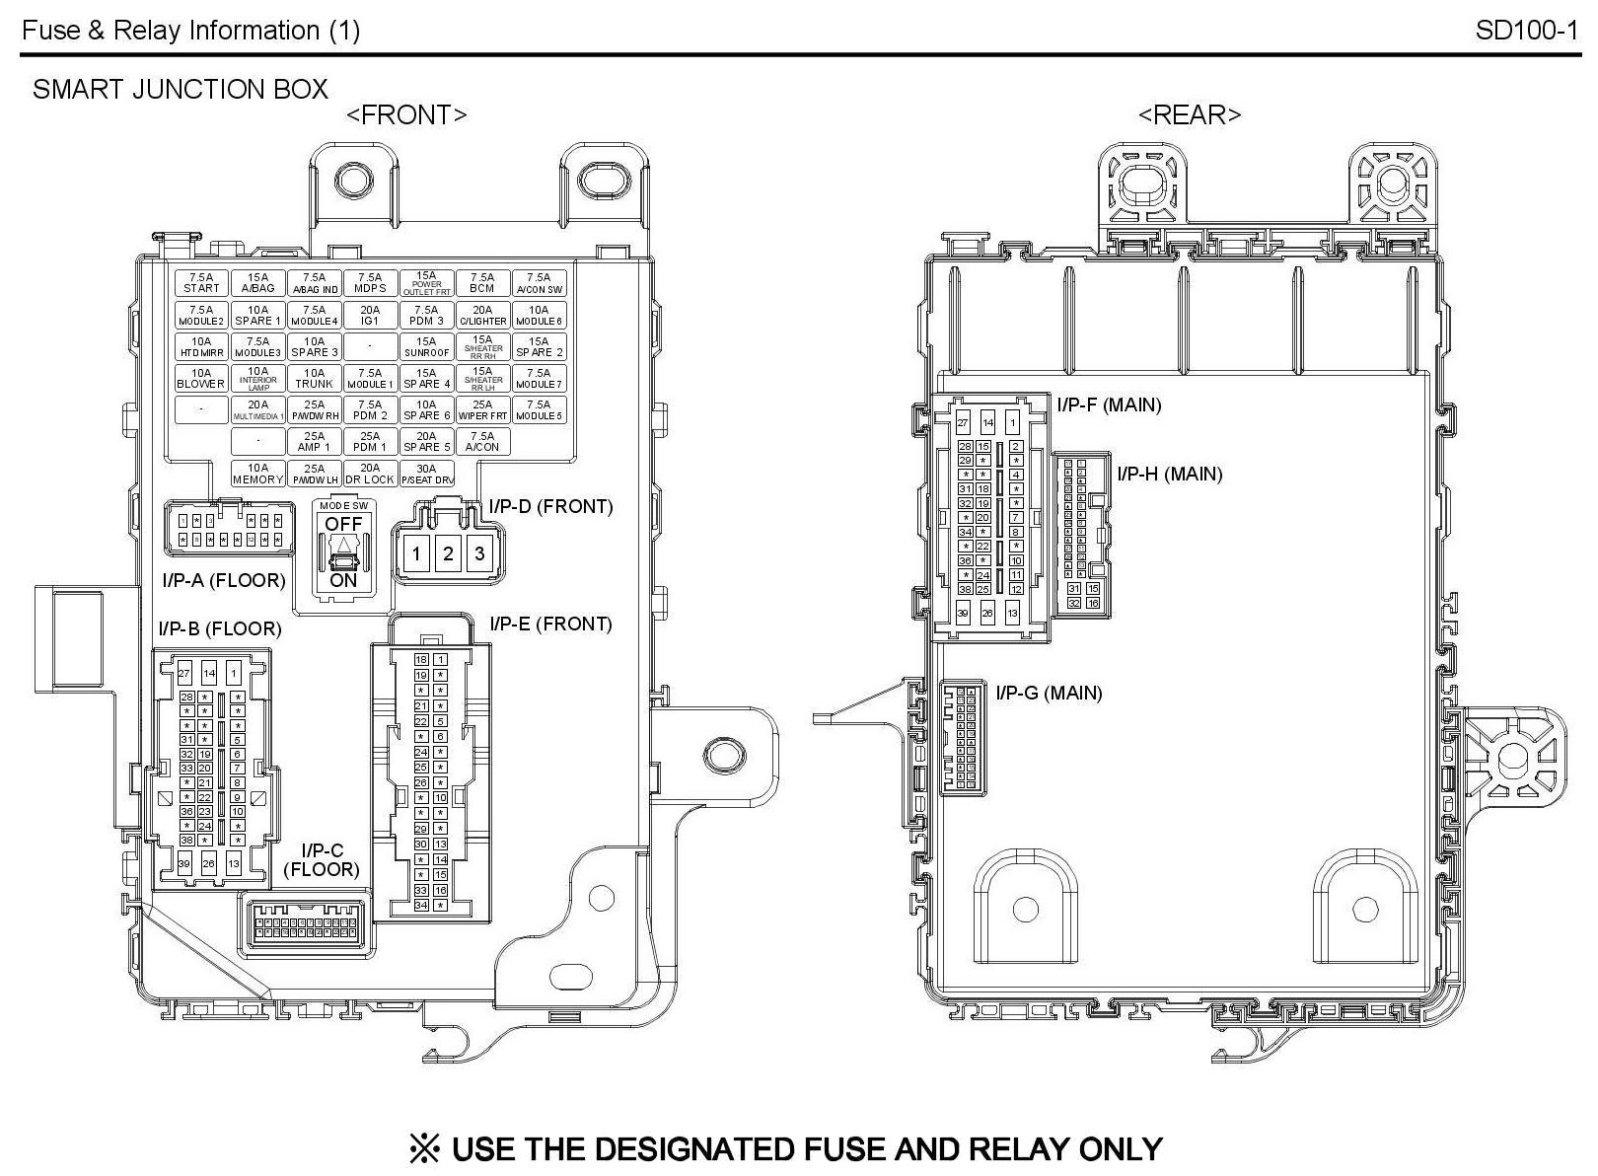 2012 Hyundai Elantra Fuse Box Diagram Detailed Wiring Diagrams 2001 Xg300 Scoupe Vhdwrmh 2002